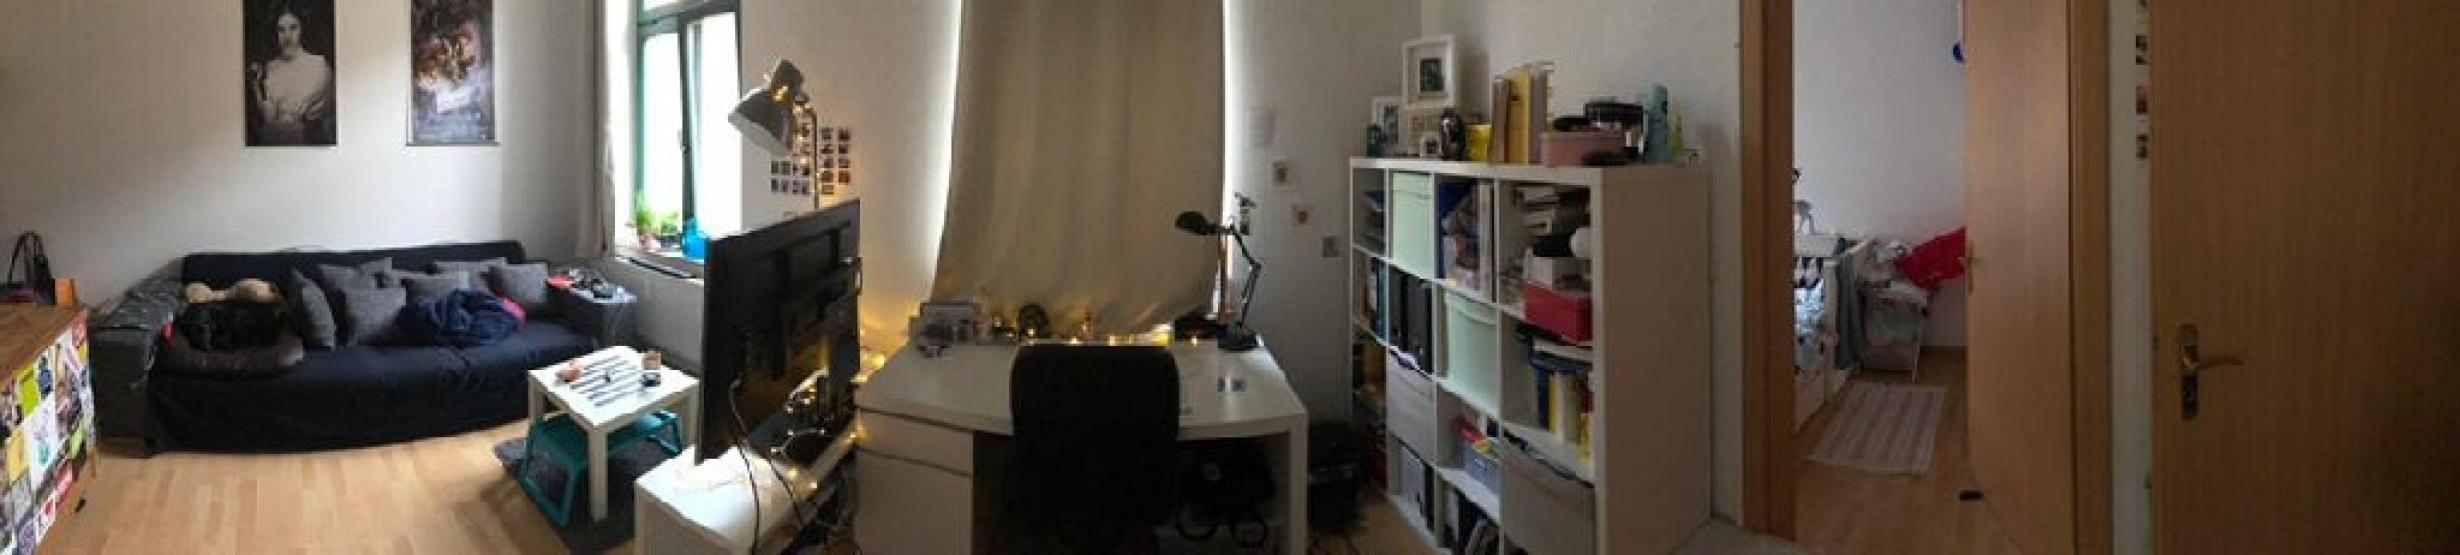 wohnungen halle saale wohnungen angebote in halle saale. Black Bedroom Furniture Sets. Home Design Ideas